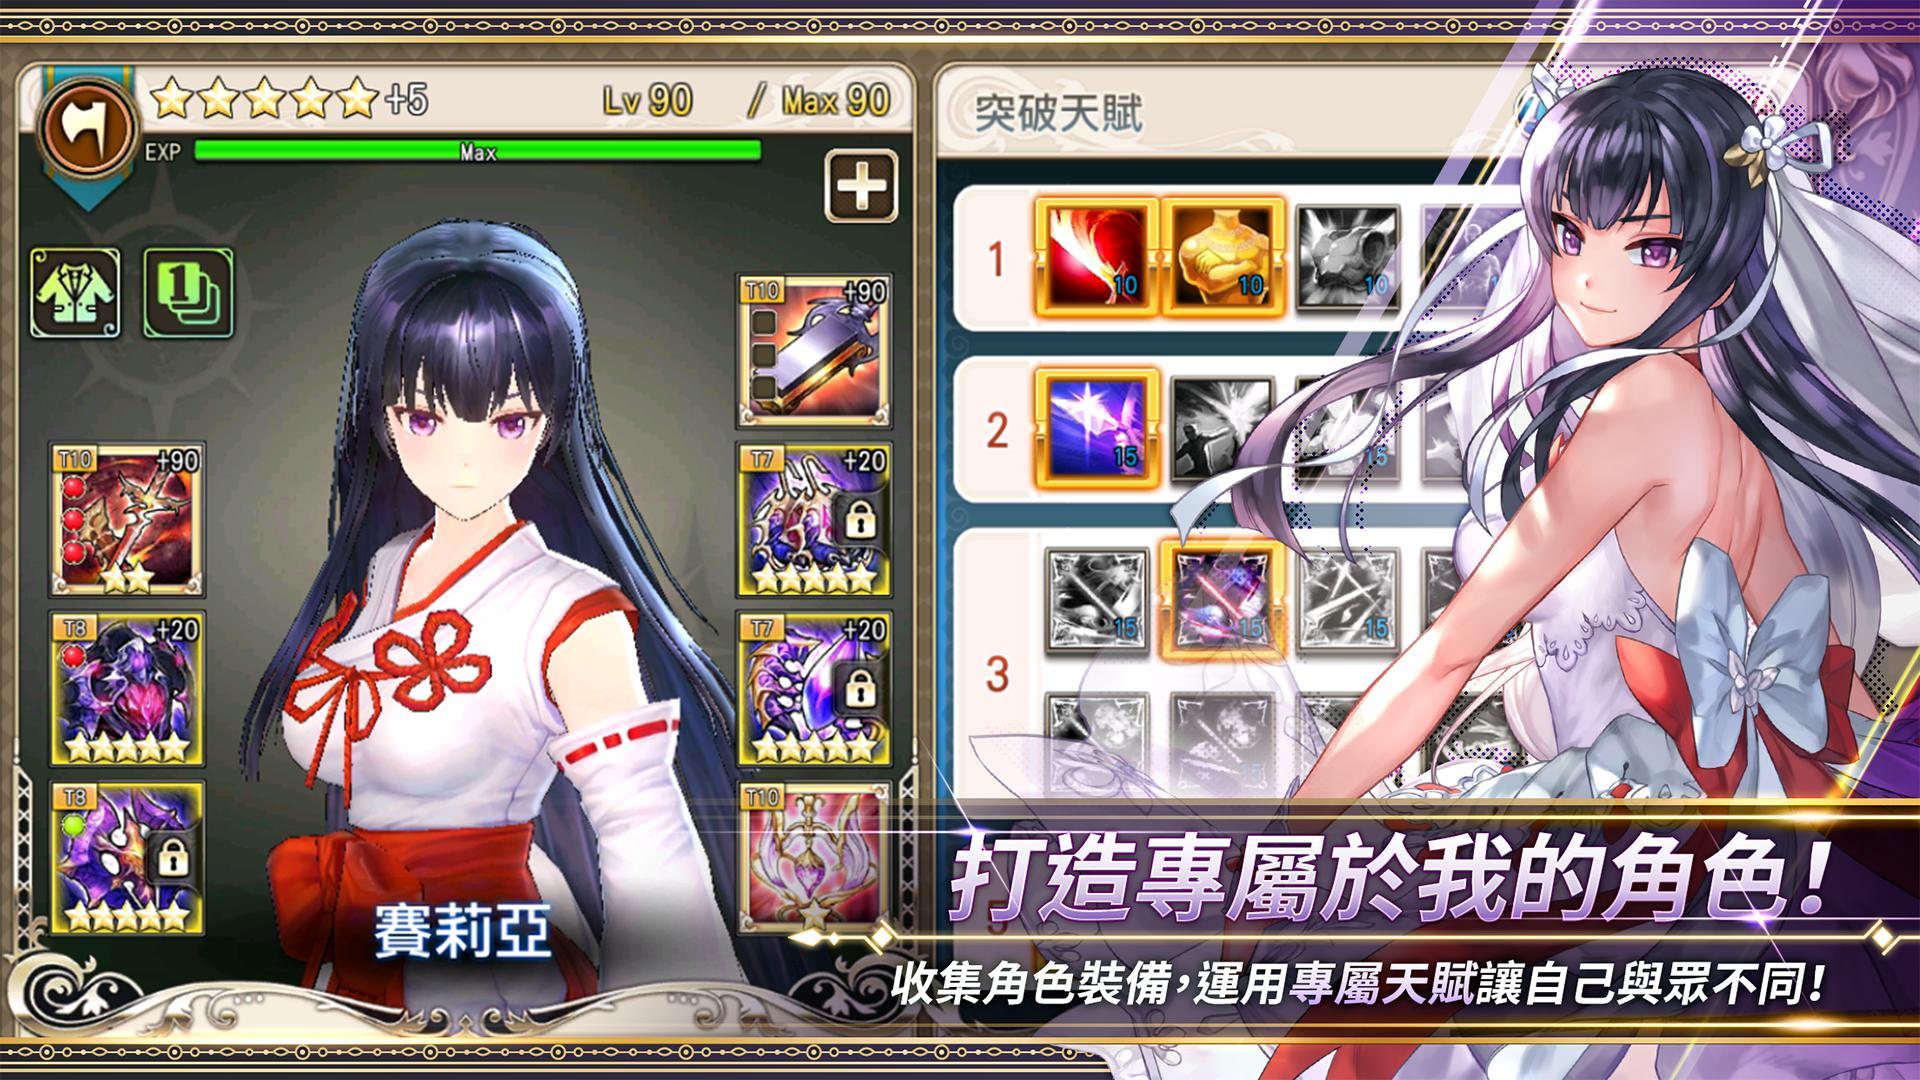 逆战毒王觉醒视频_王之逆袭-王之逆袭3.72.3安卓版-OurPlay